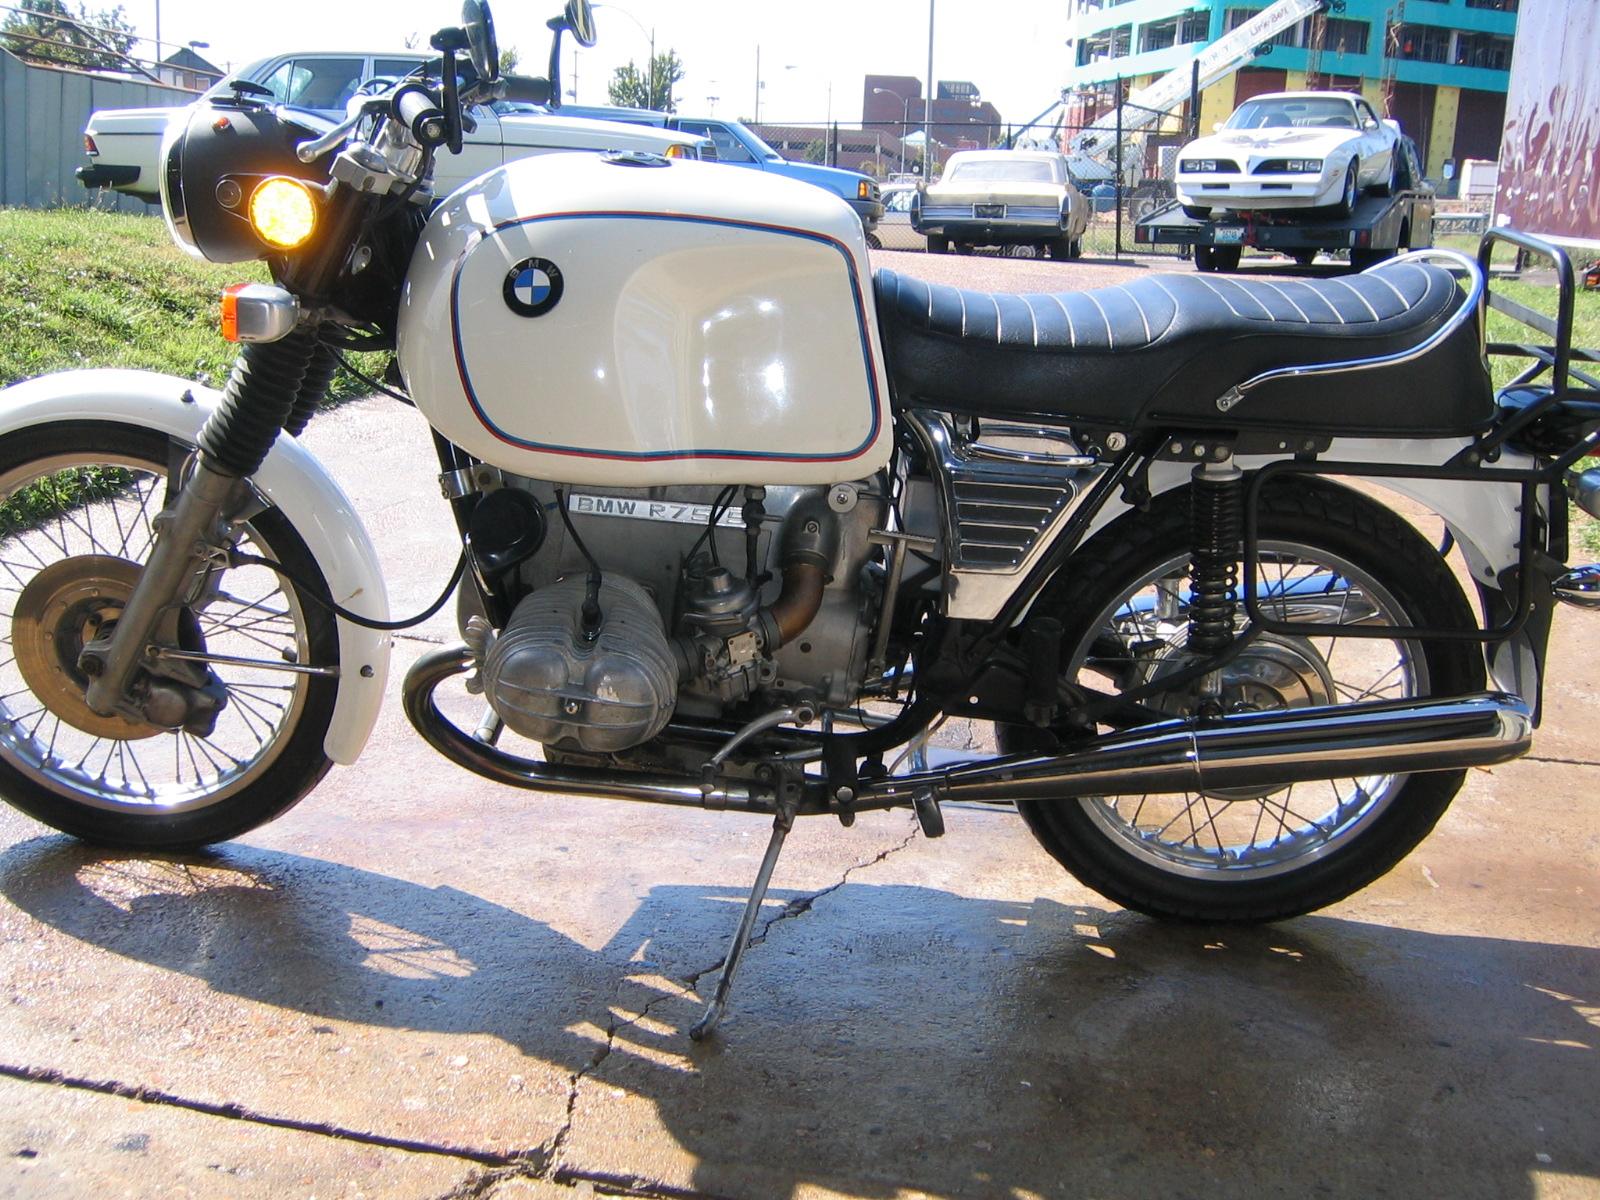 1972 Bmw R75 5